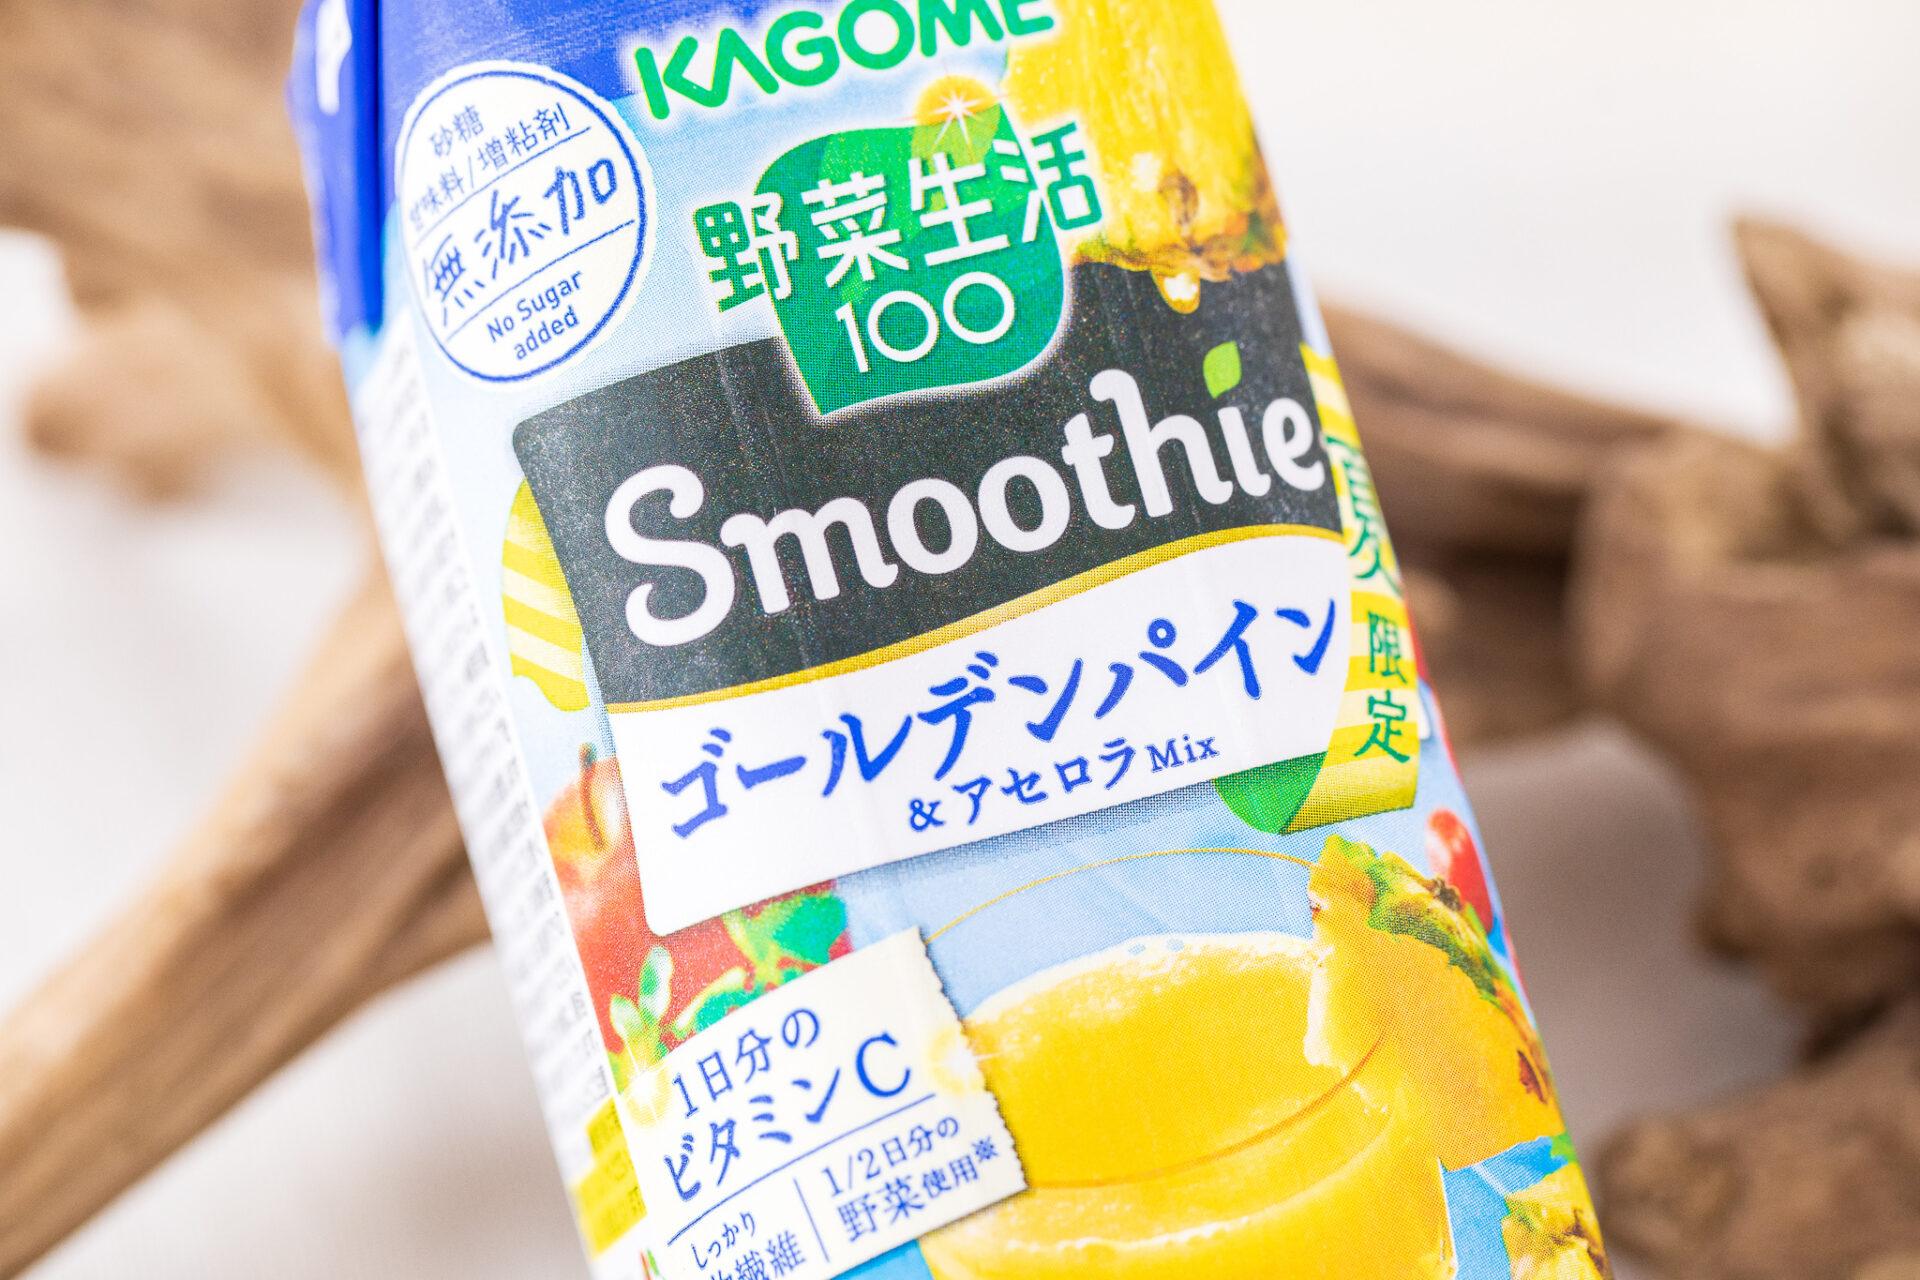 カゴメ『野菜生活100 Smoothie ゴールデンパイン&アセロラMix』